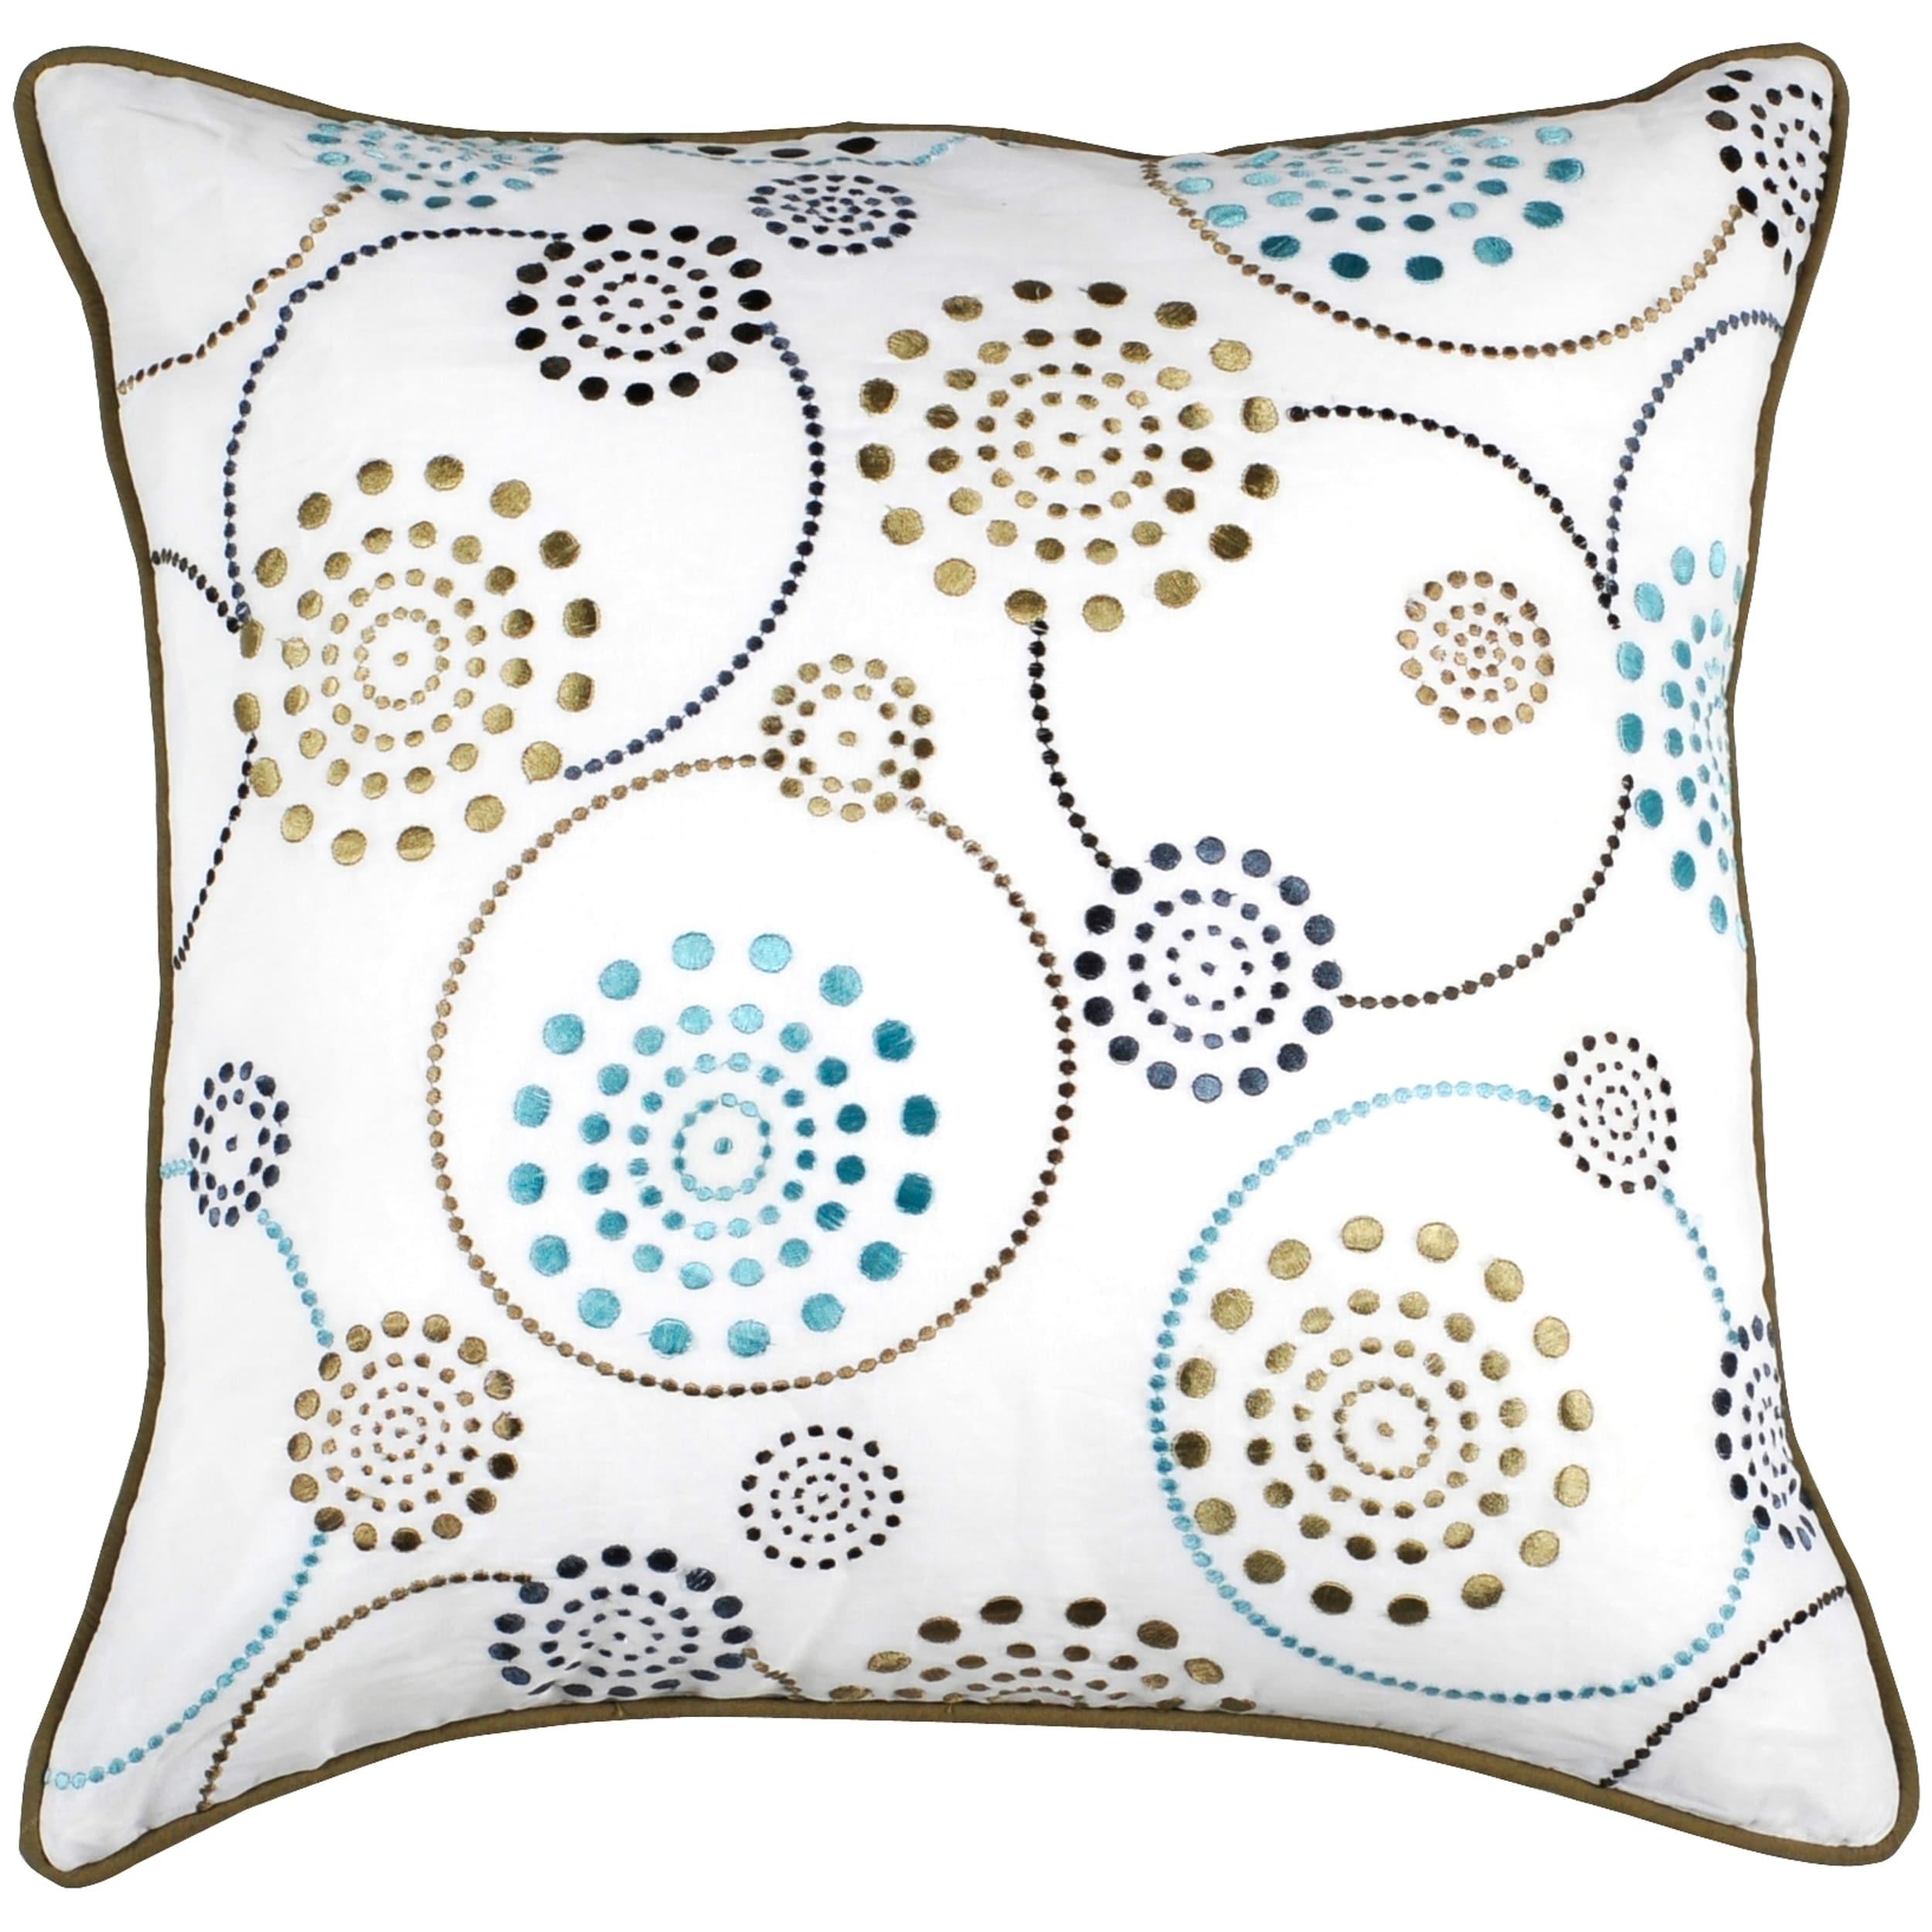 Circles 18x18 Multicolored Down Decor Pillow